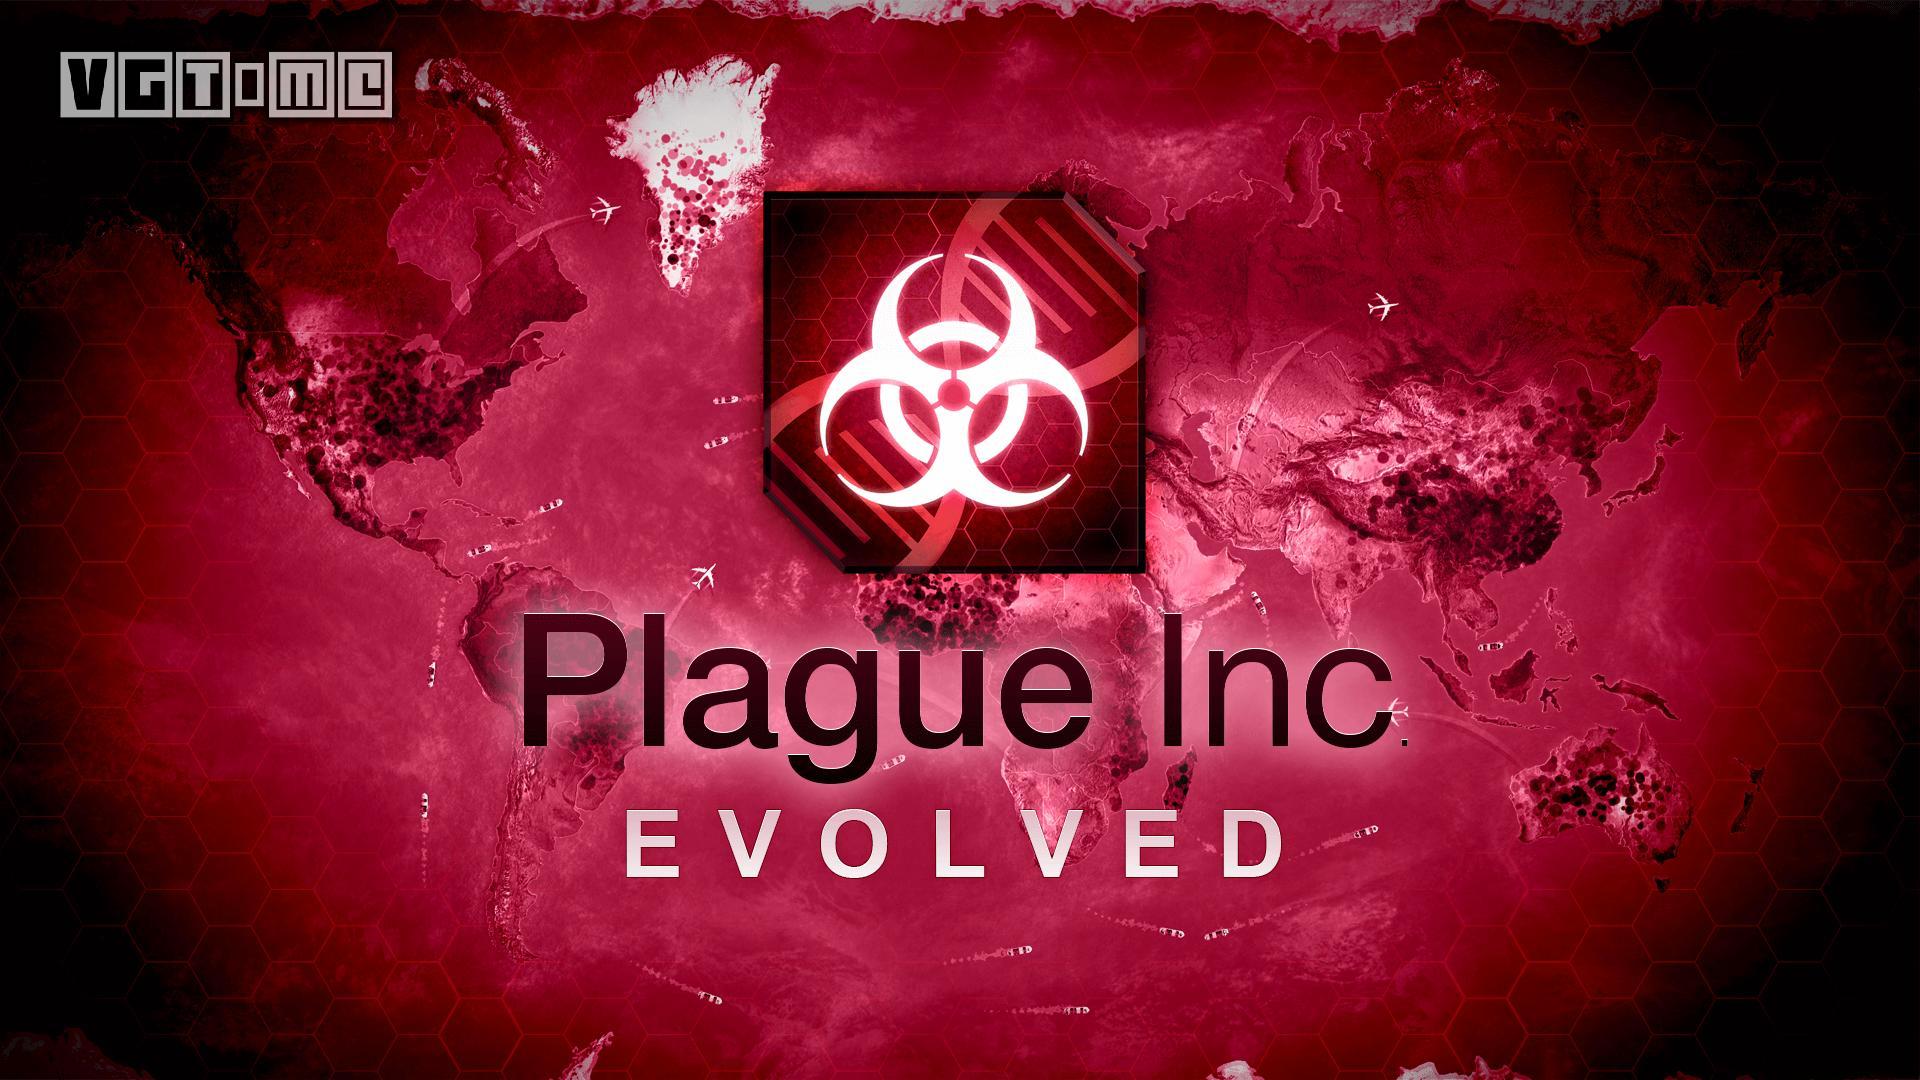 发售八年后,《瘟疫公司》又重登苹果商店付费游戏榜首